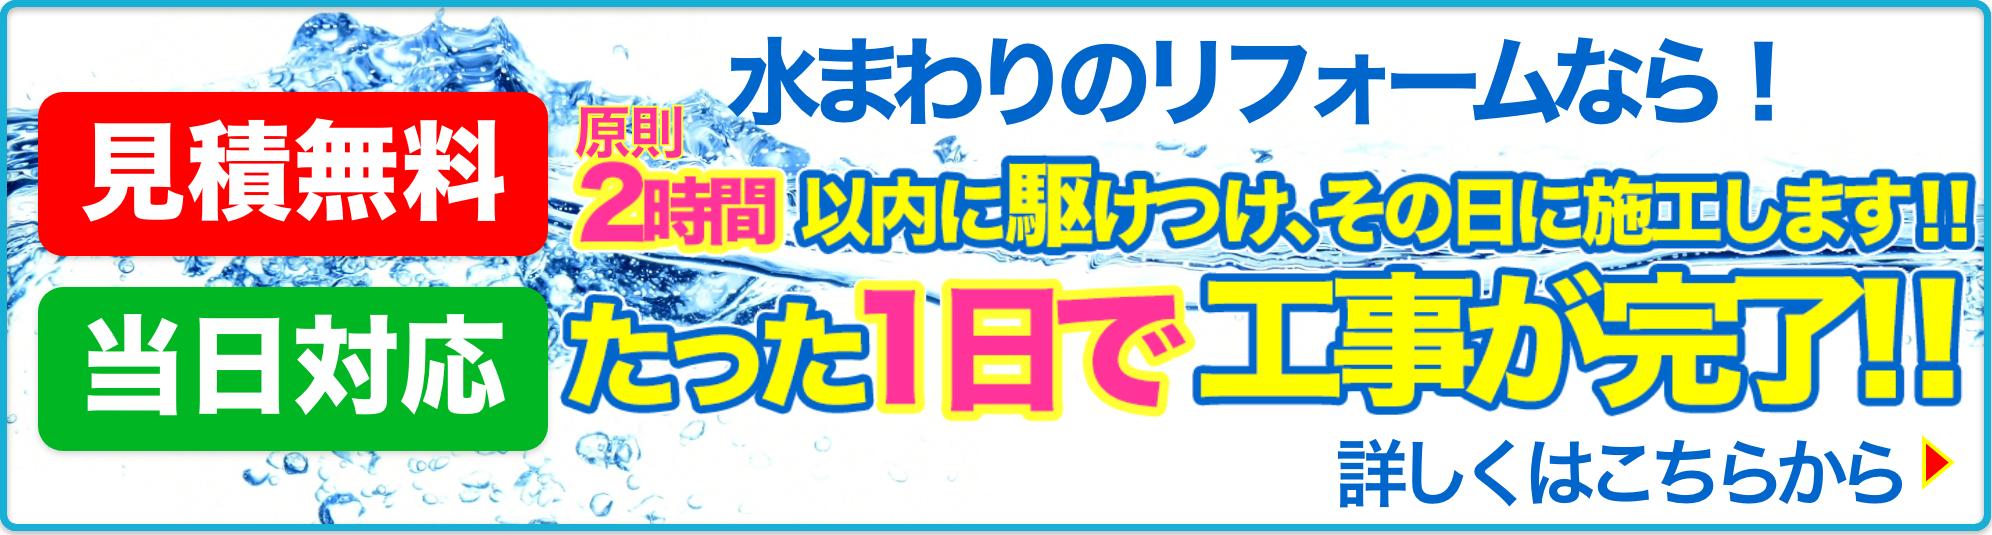 熊本県天草市・上天草市・苓北町での水まわりリフォームのことなら、住まいの応援隊アマエネジャー(天草エネルギー株式会社)にお任せ下さい!